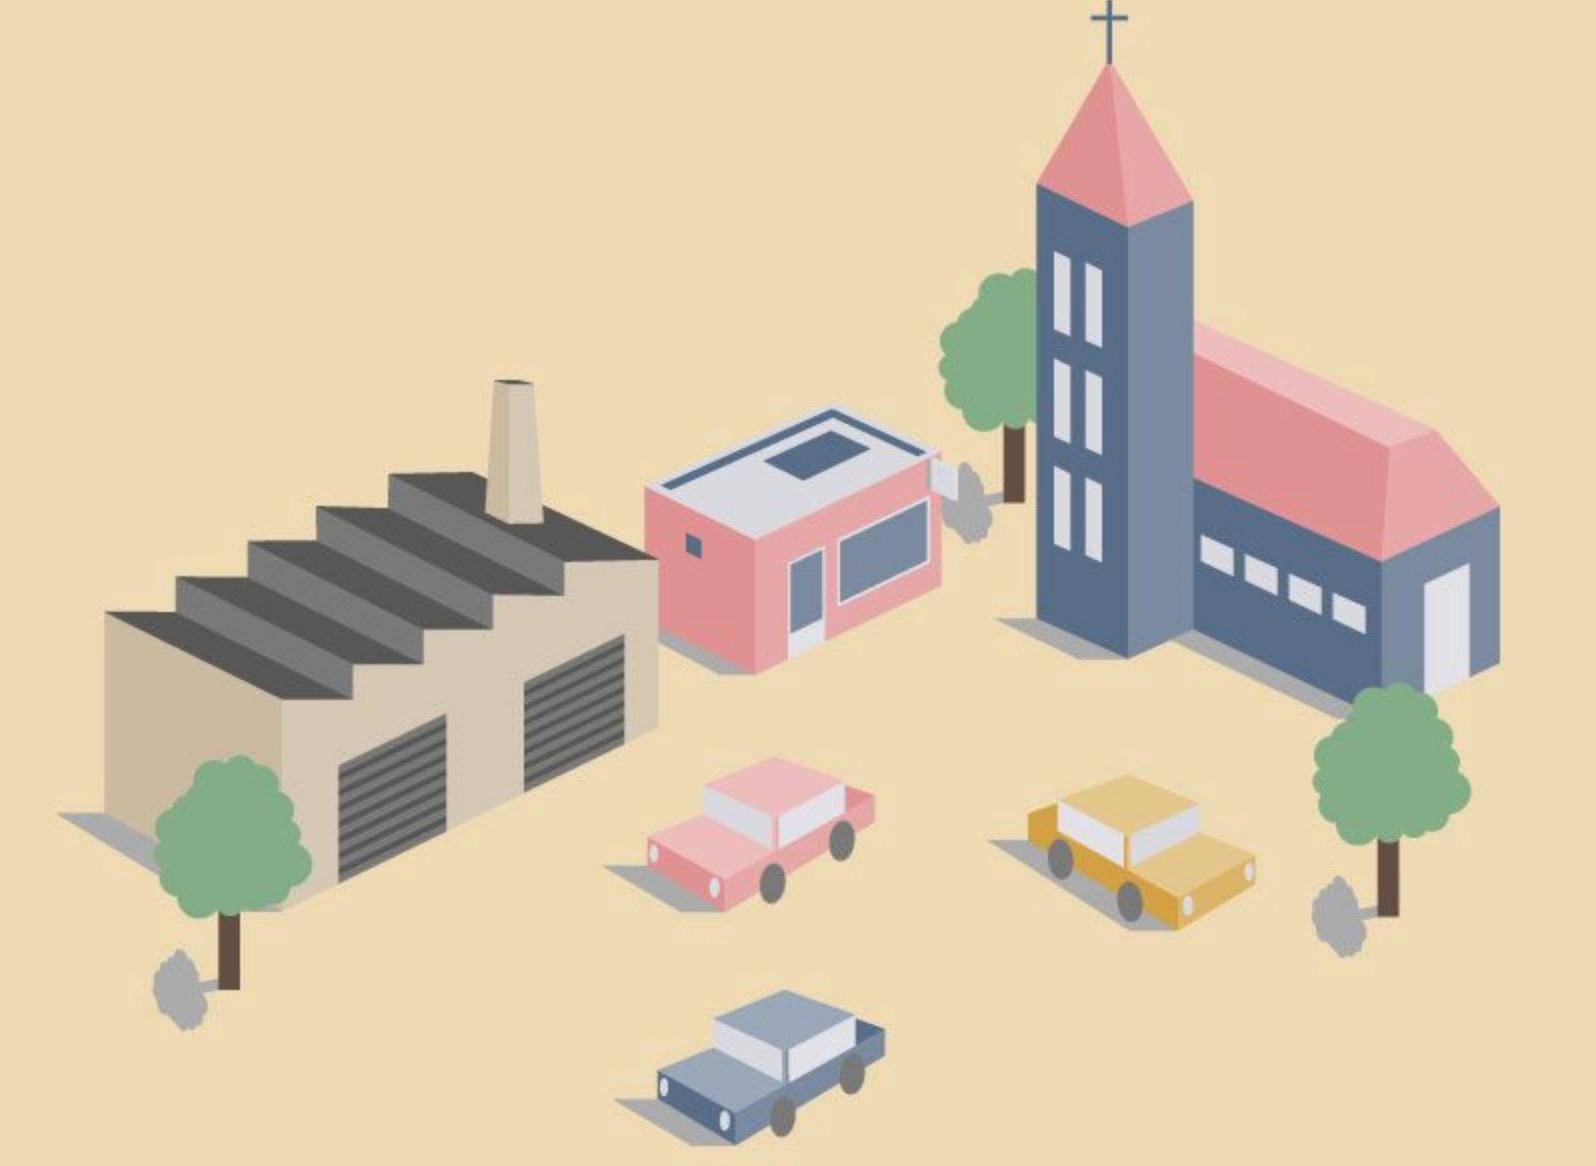 京东、网易、小米、阿里做工厂电商都揣了哪些小九九?